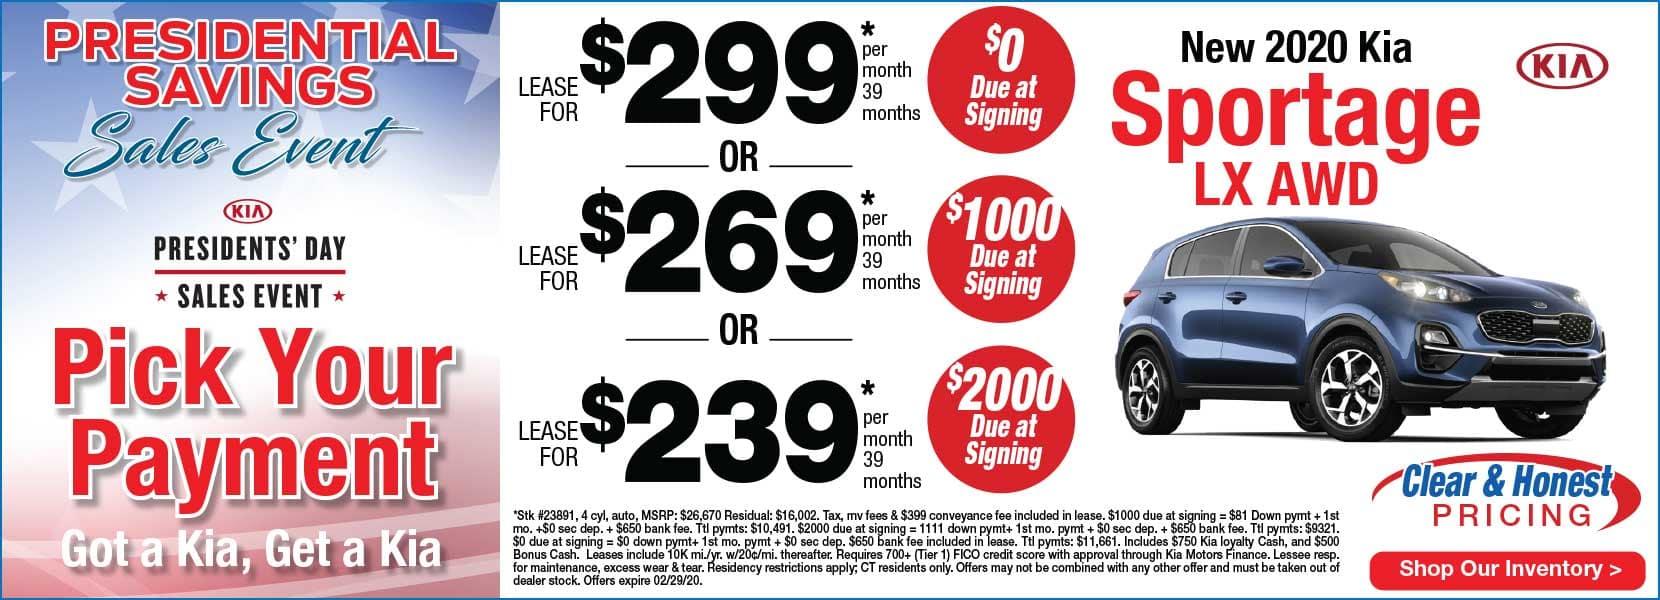 Kia Sportage Lease Presidents Day Savings Stamford Connecticut Kia dealer